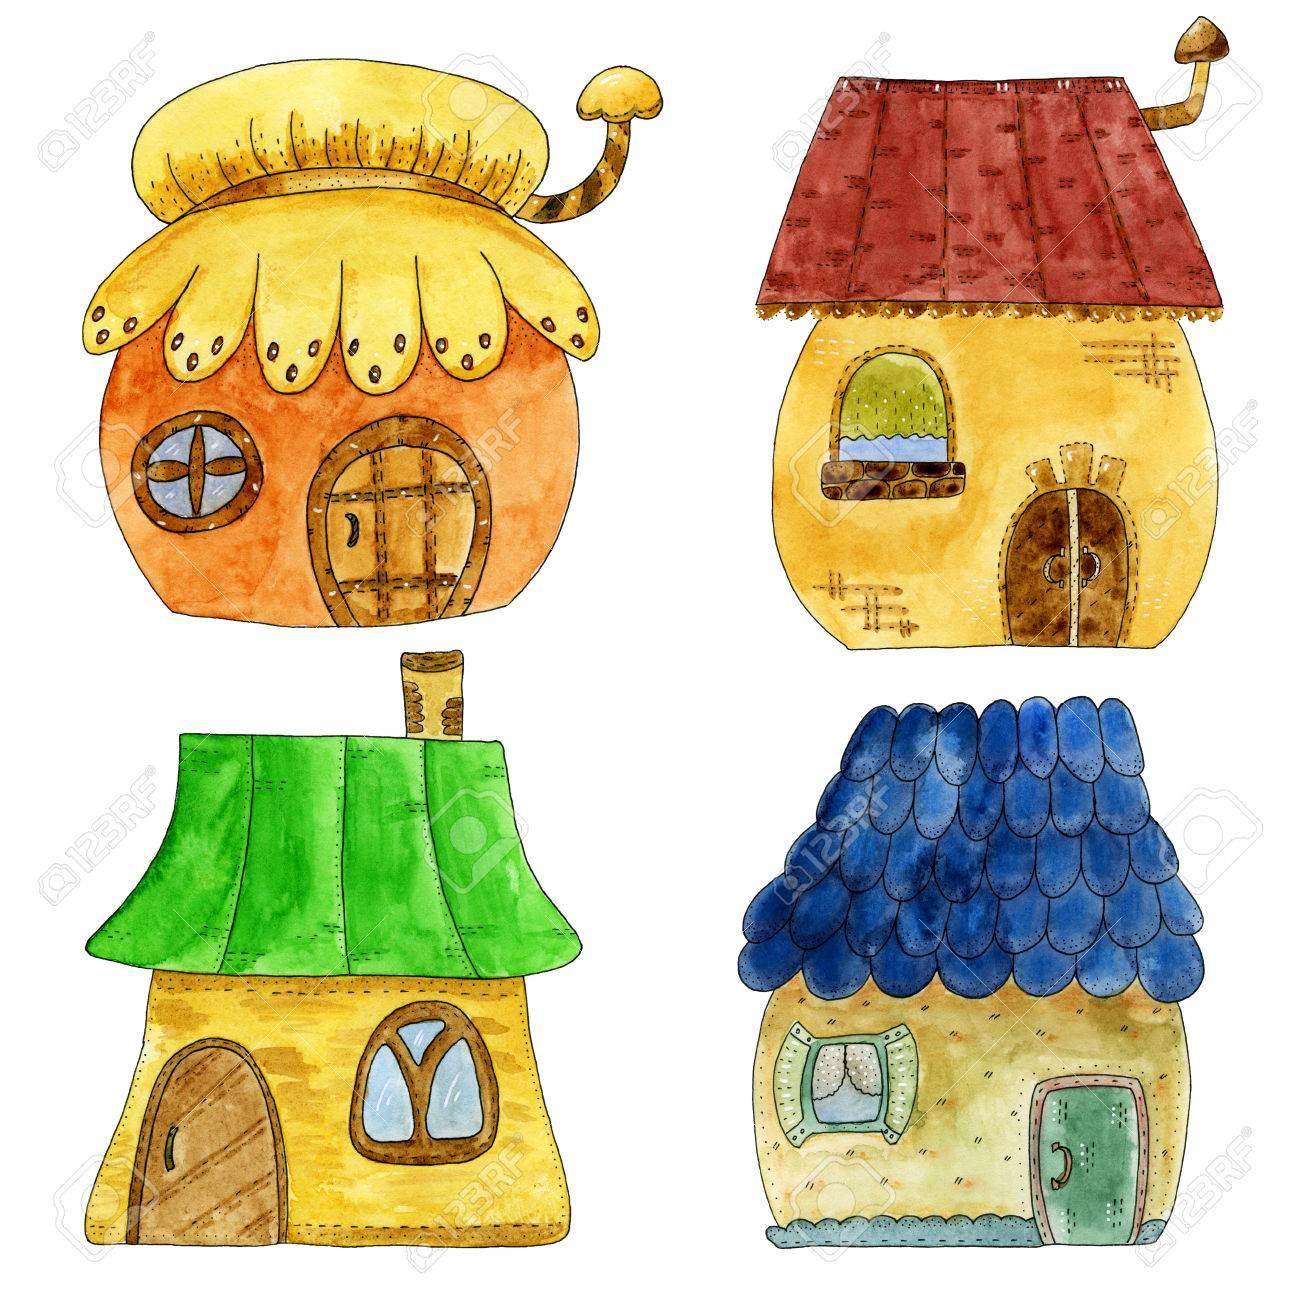 おとぎ話の漫画のスタイルでカラフルなかわいい家水彩の手描きイラスト